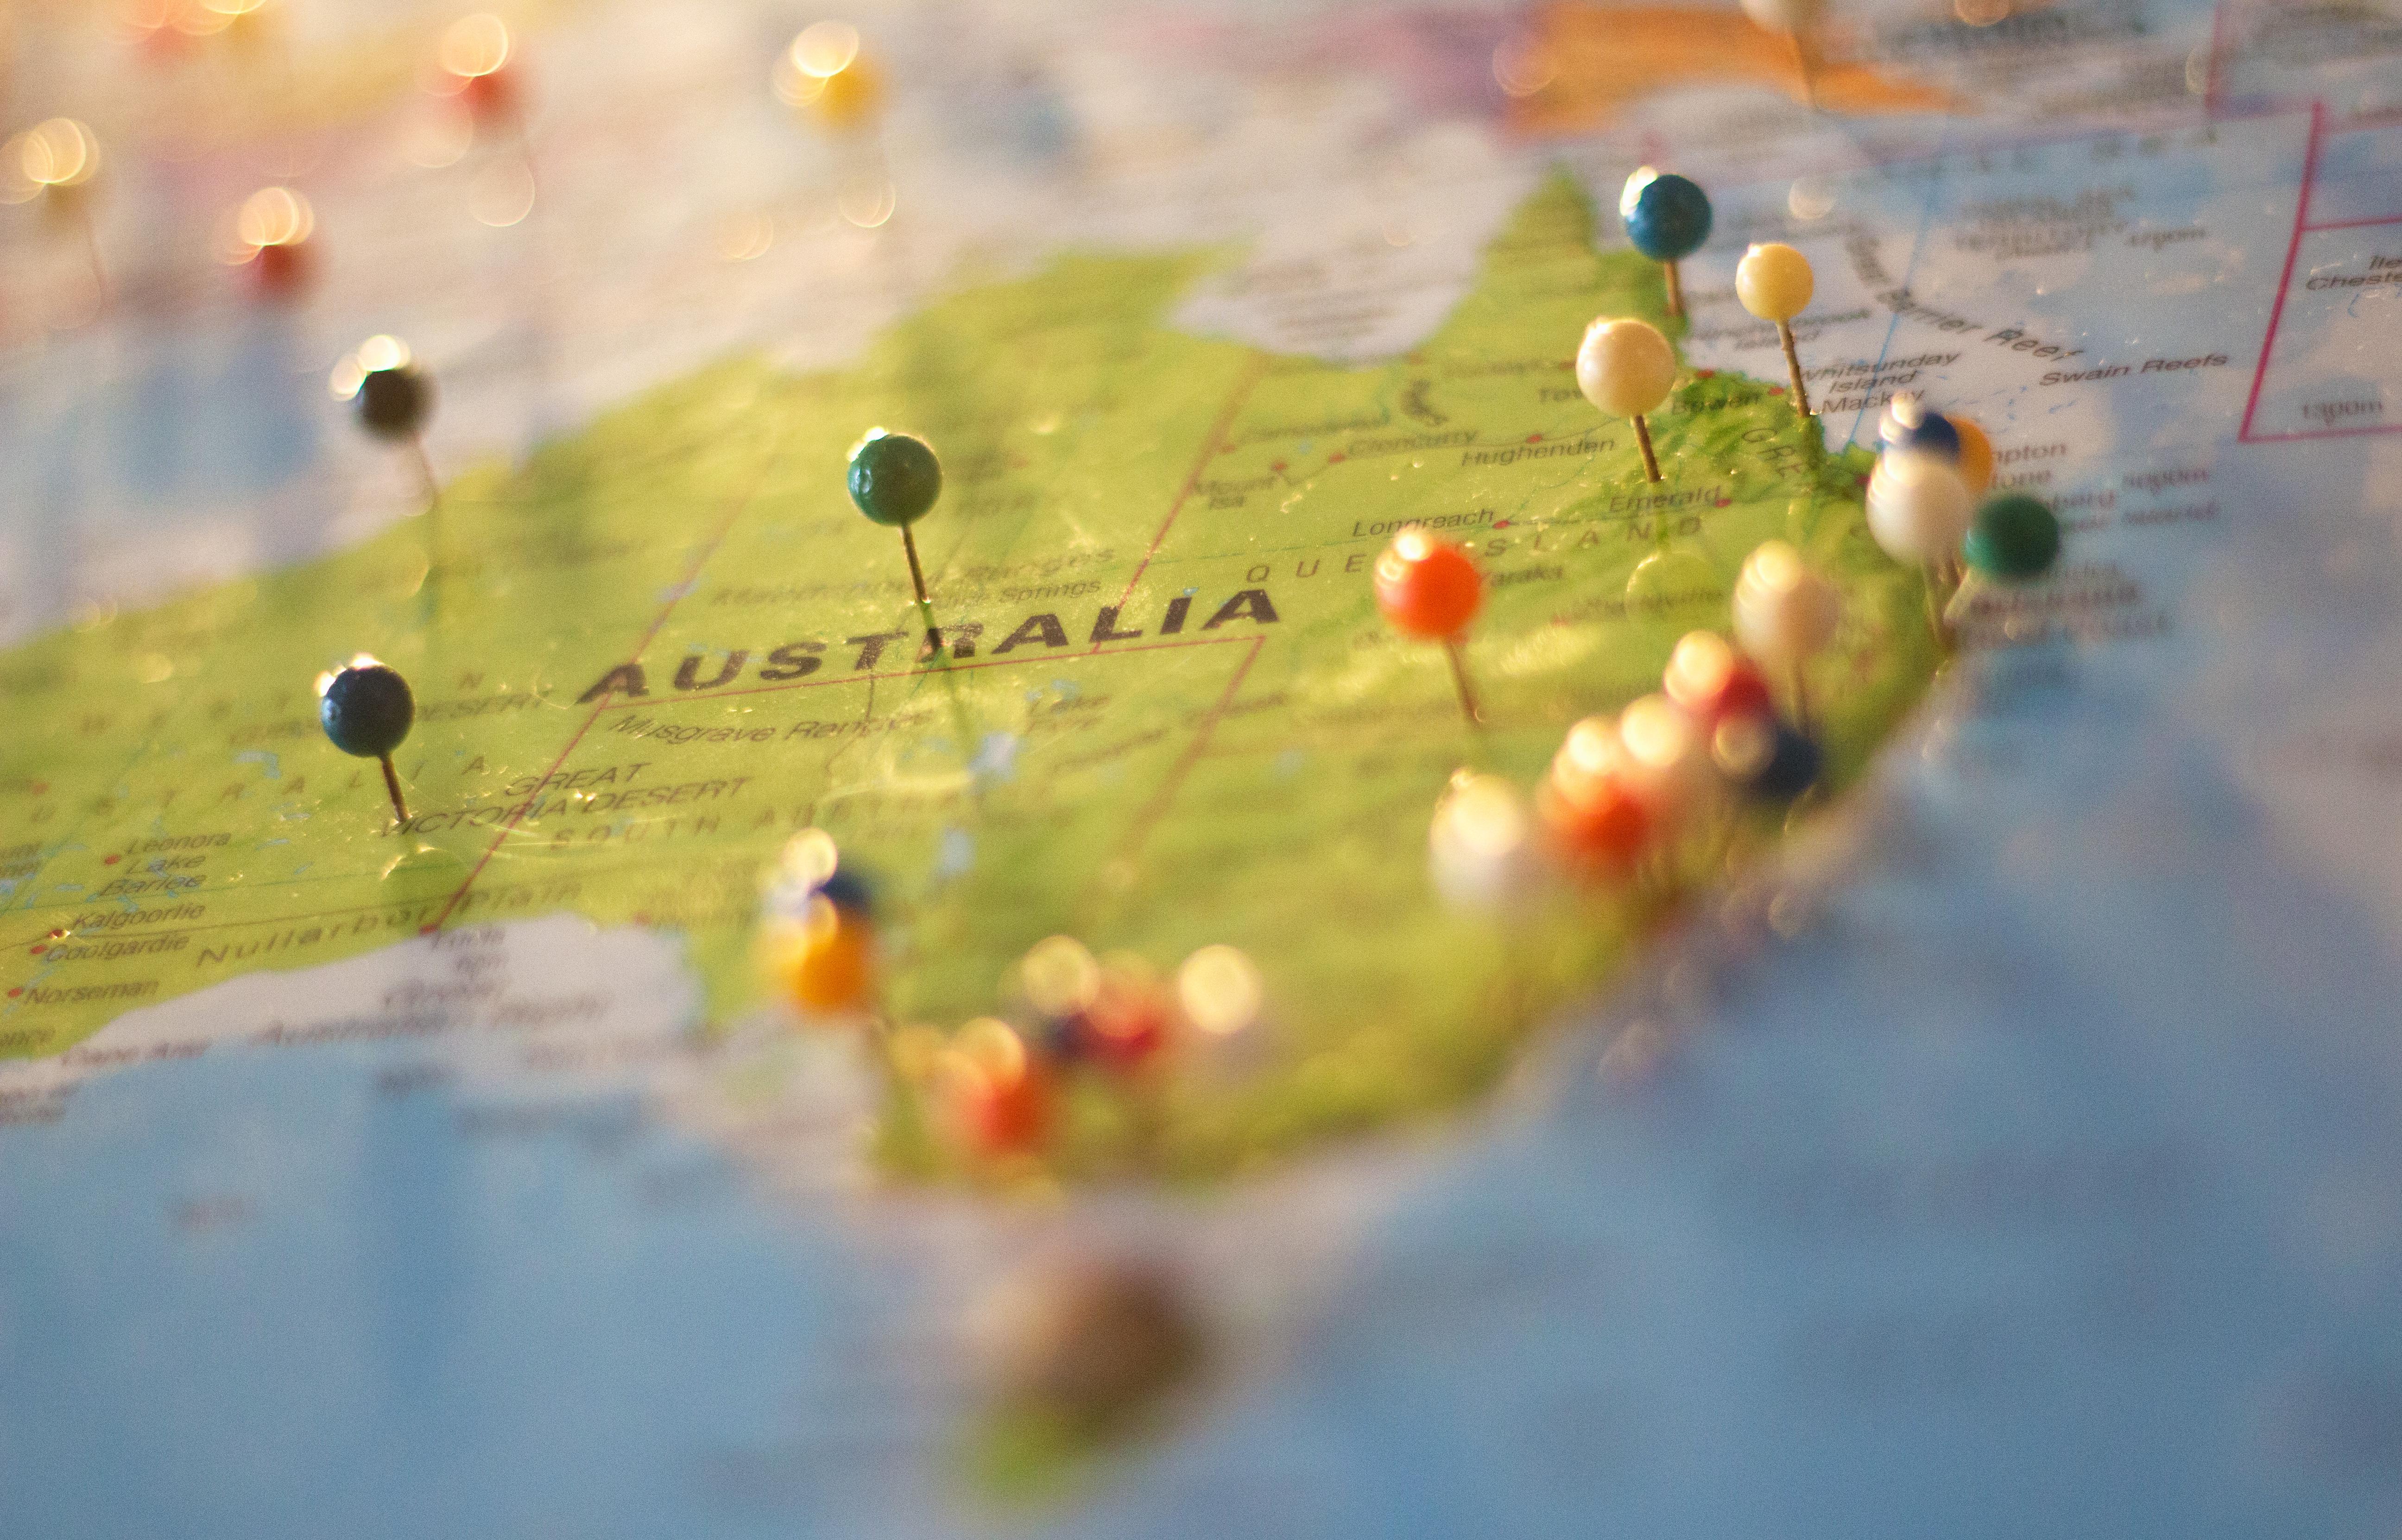 V Austrálii se narodilo mládě kriticky ohroženého vombata severního